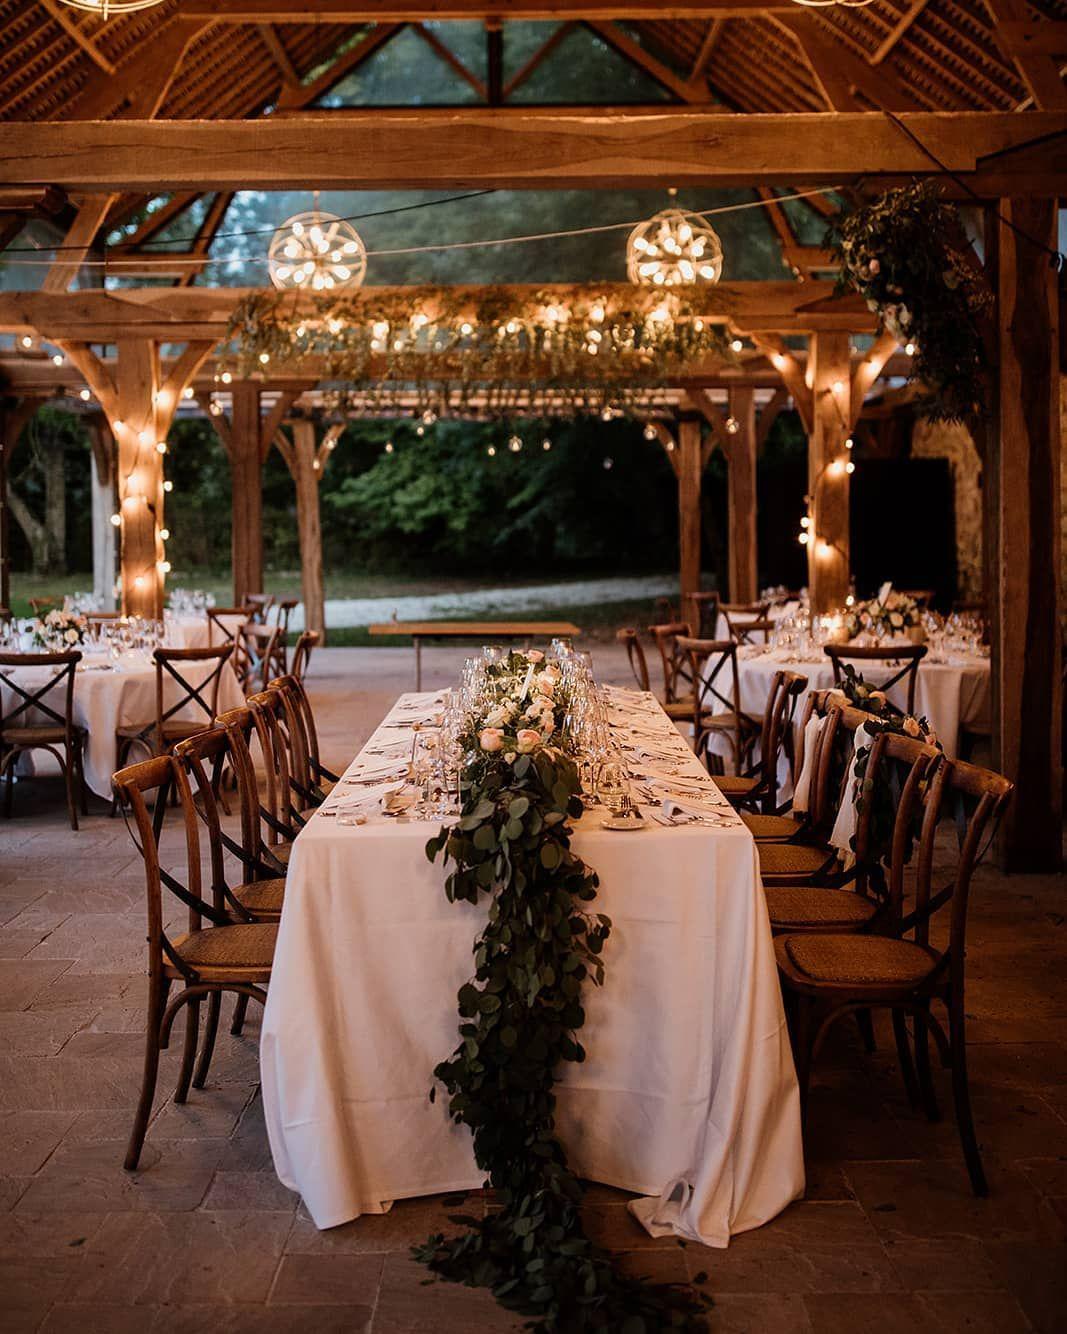 La Jolie Table Romantique Chic Decoree Par Fleursjing Les Cocottes Events Photo Coralielescieux Traiteur Grandchem En 2020 Table Romantique Traiteur Romantique